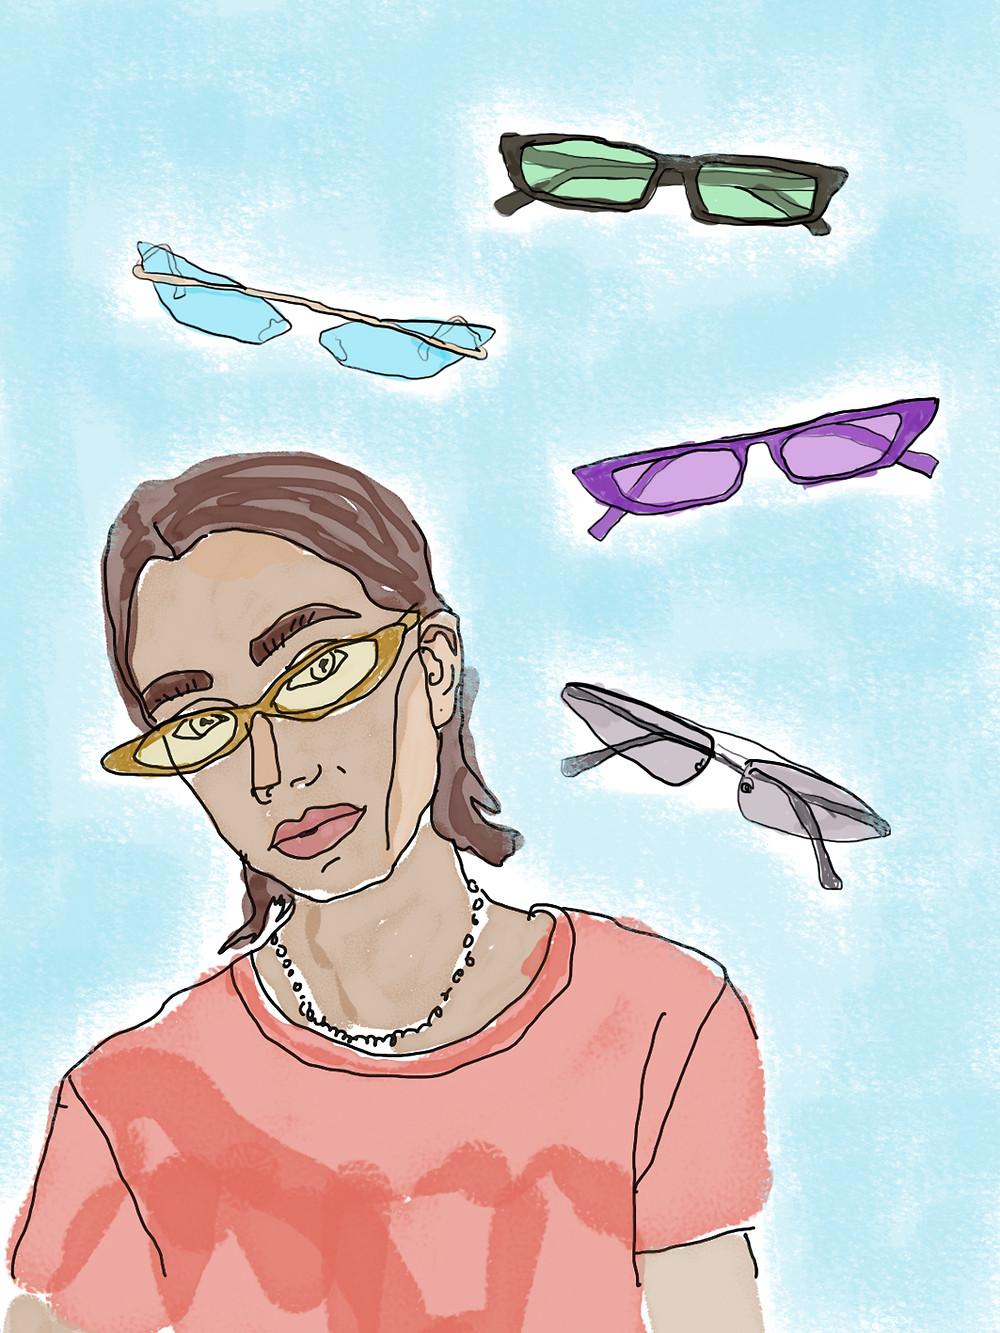 illustrazioni di Jeanie Lochhead